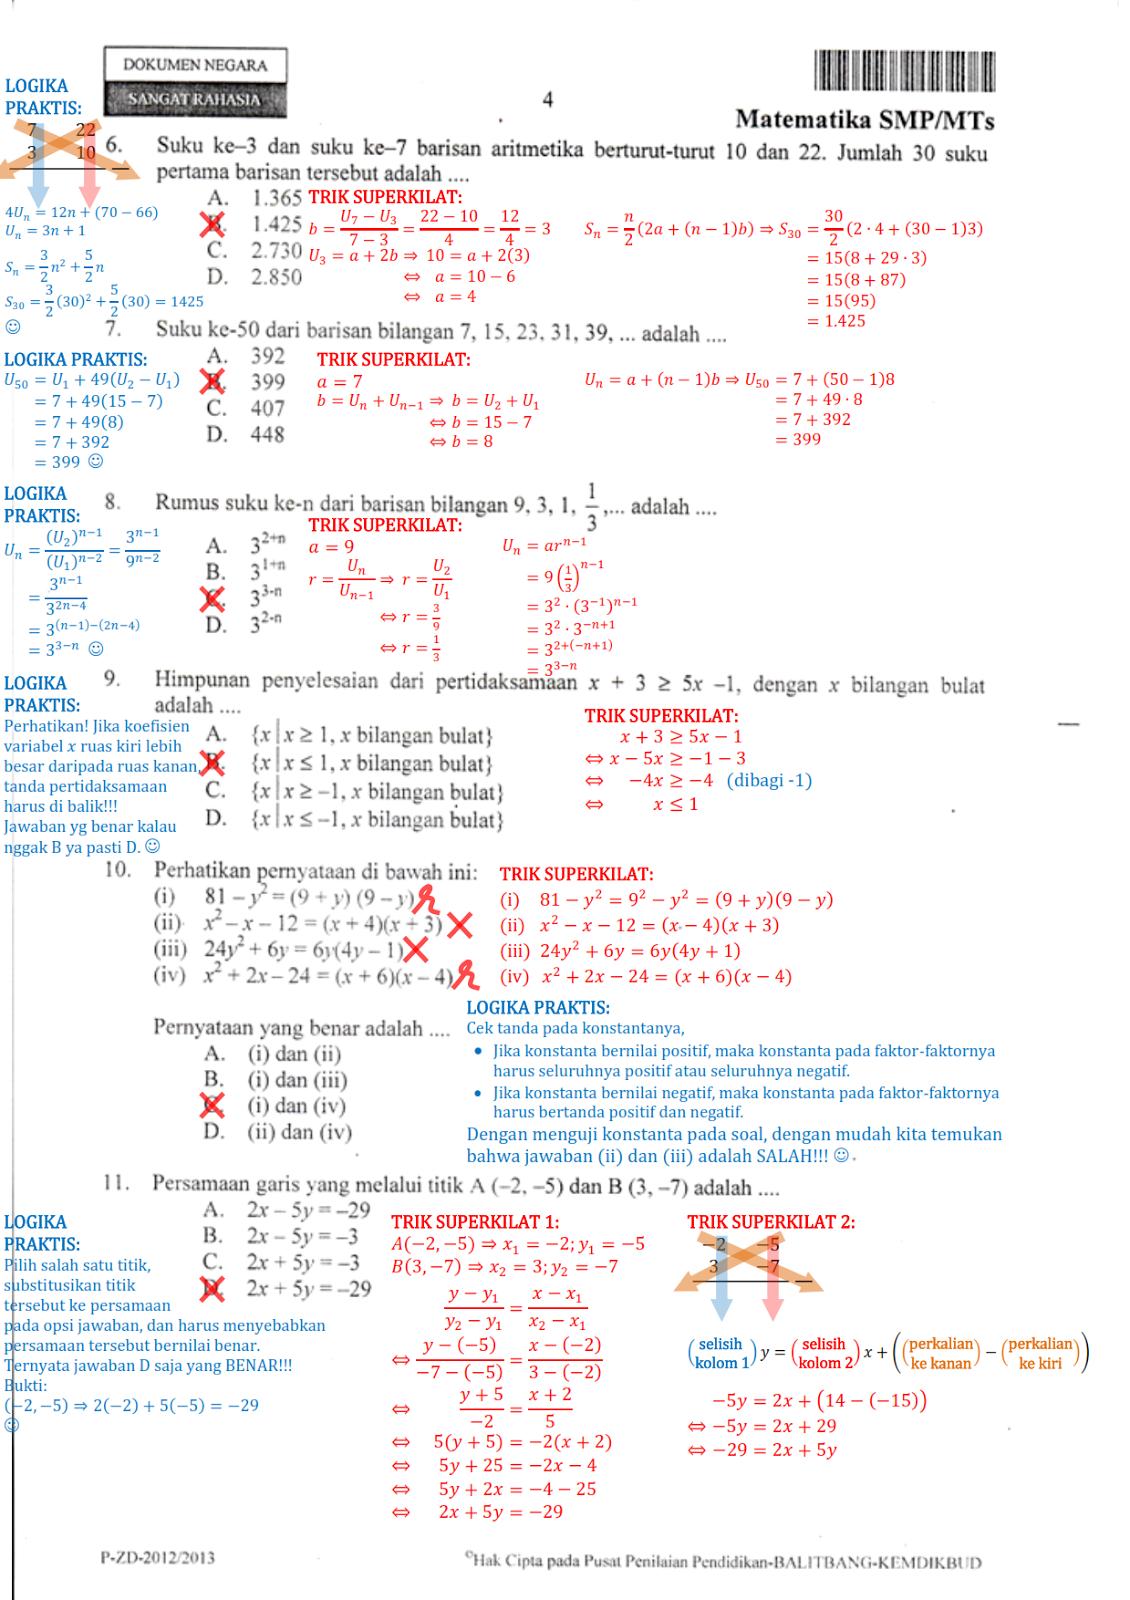 Berbagi Dan Belajar Contoh Pembahasan Soal Un Matematika Smp 2013 Menggunakan Trik Superkilat